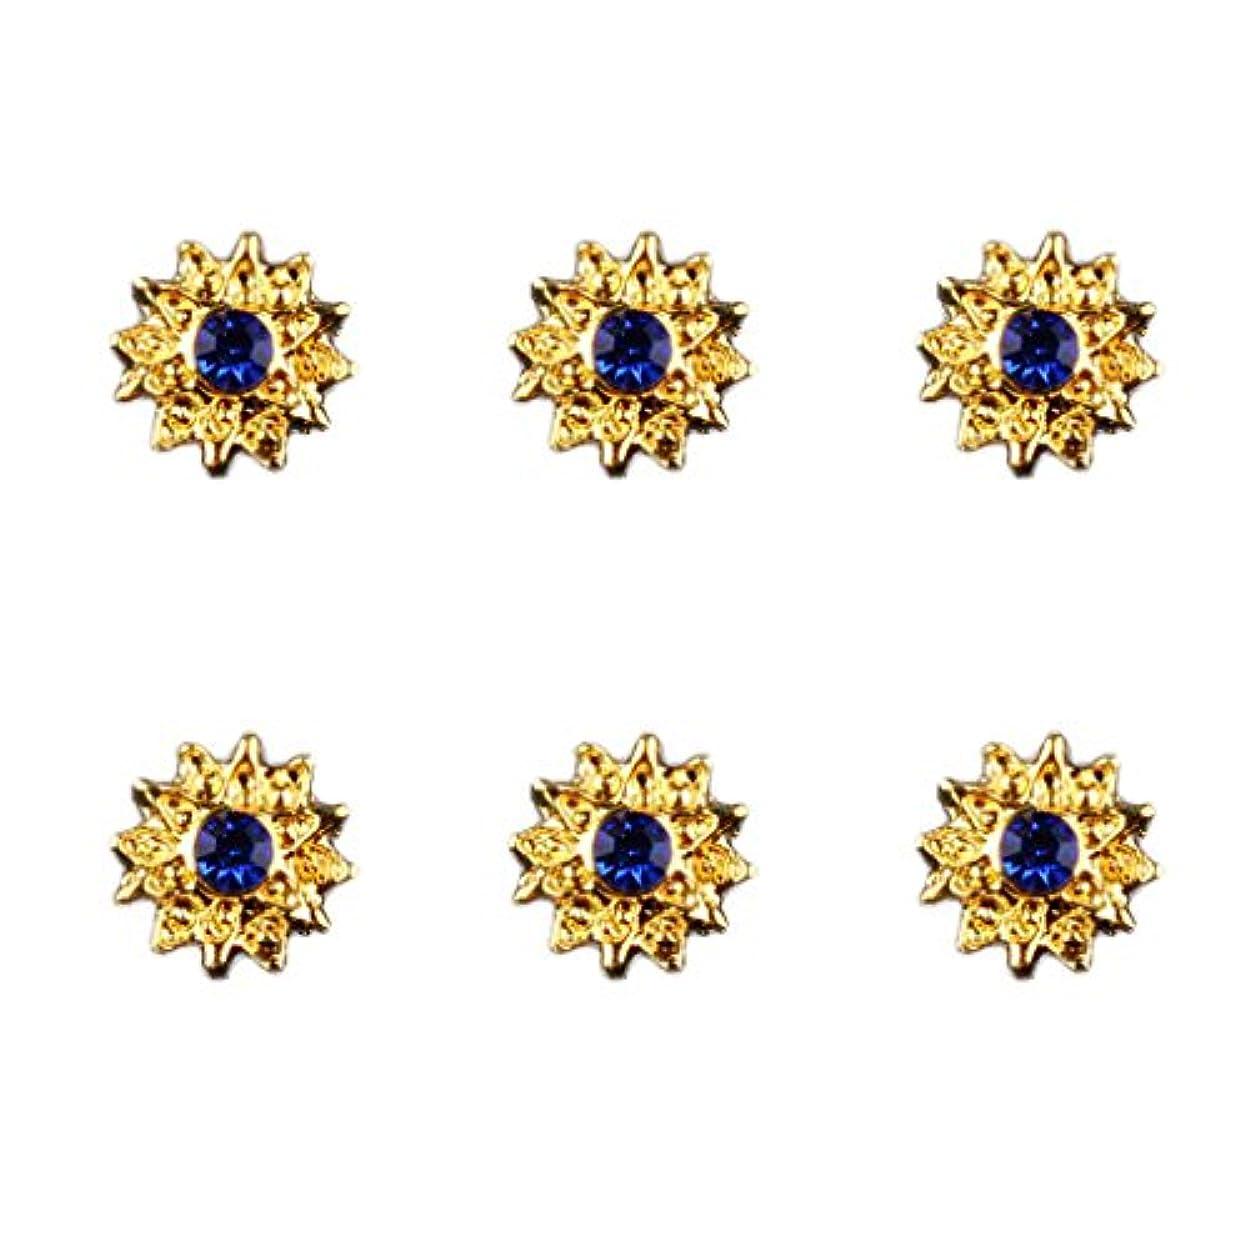 SM SunniMix 約50個入り マニキュア ダイヤモンド 3Dネイルアート ヒントステッカー 装飾 全8種類 - 6